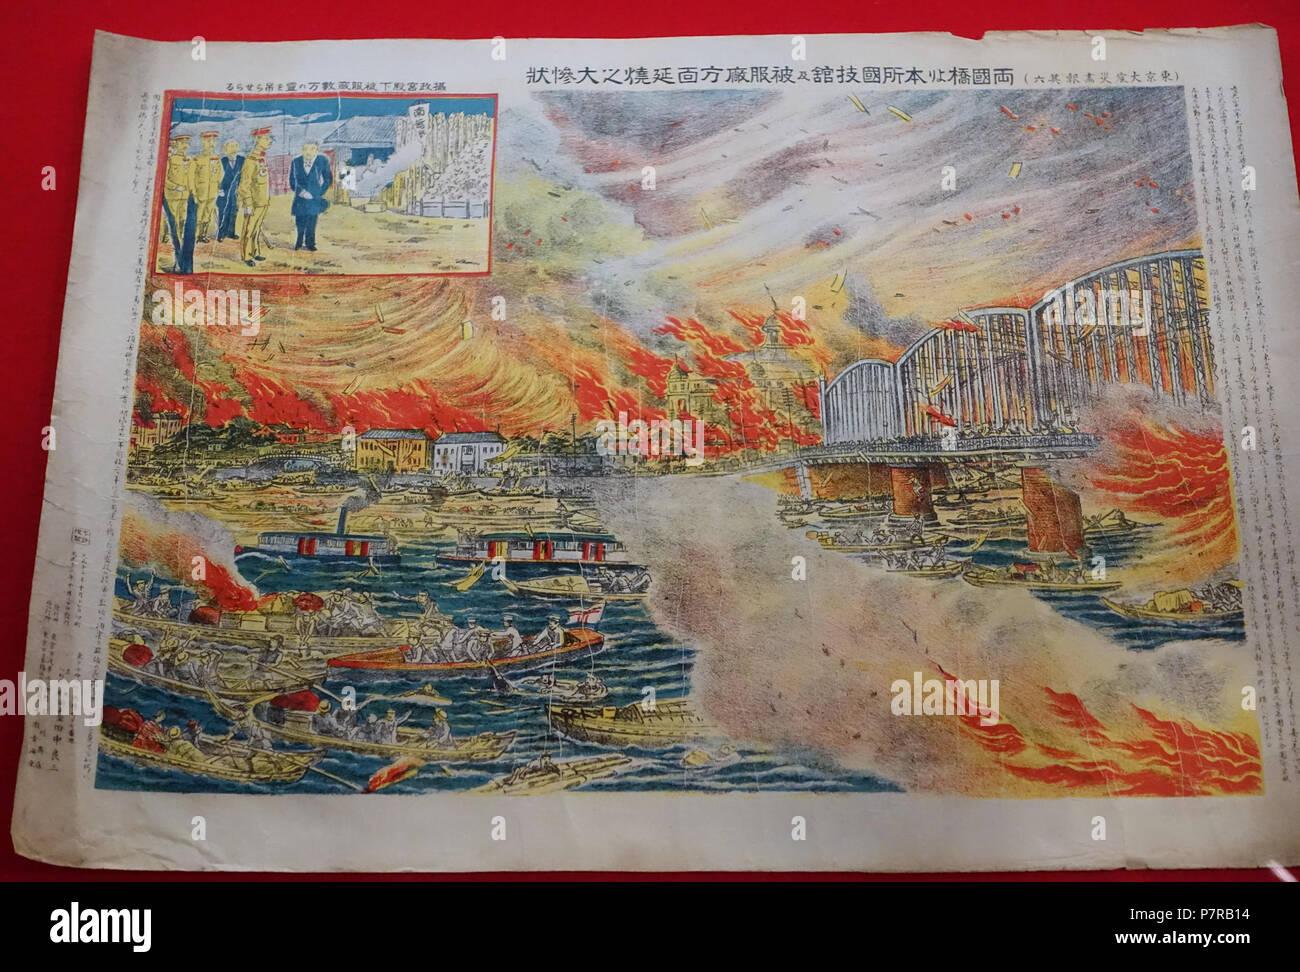 Englisch: Im Edo-Tokyo Museum - Sumida, Tokio, Japan Drucken. 6 ...